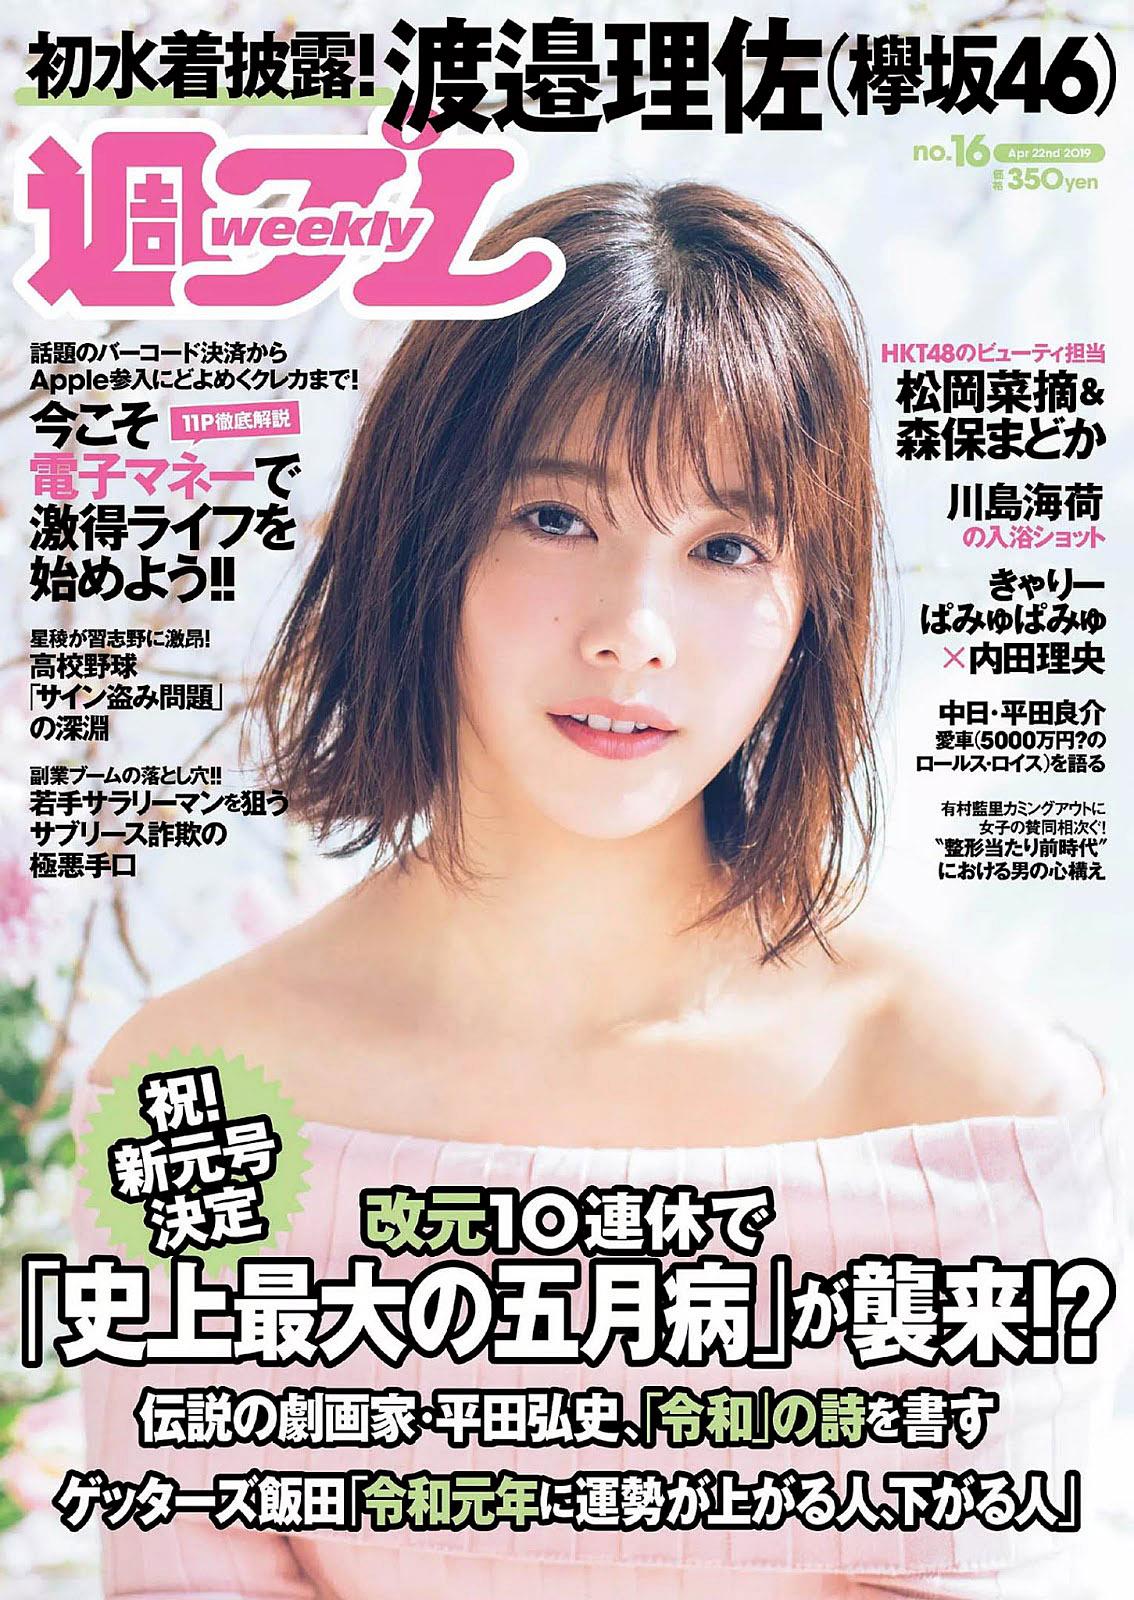 Risa Watanabe K46 WPB 190422 01.jpg